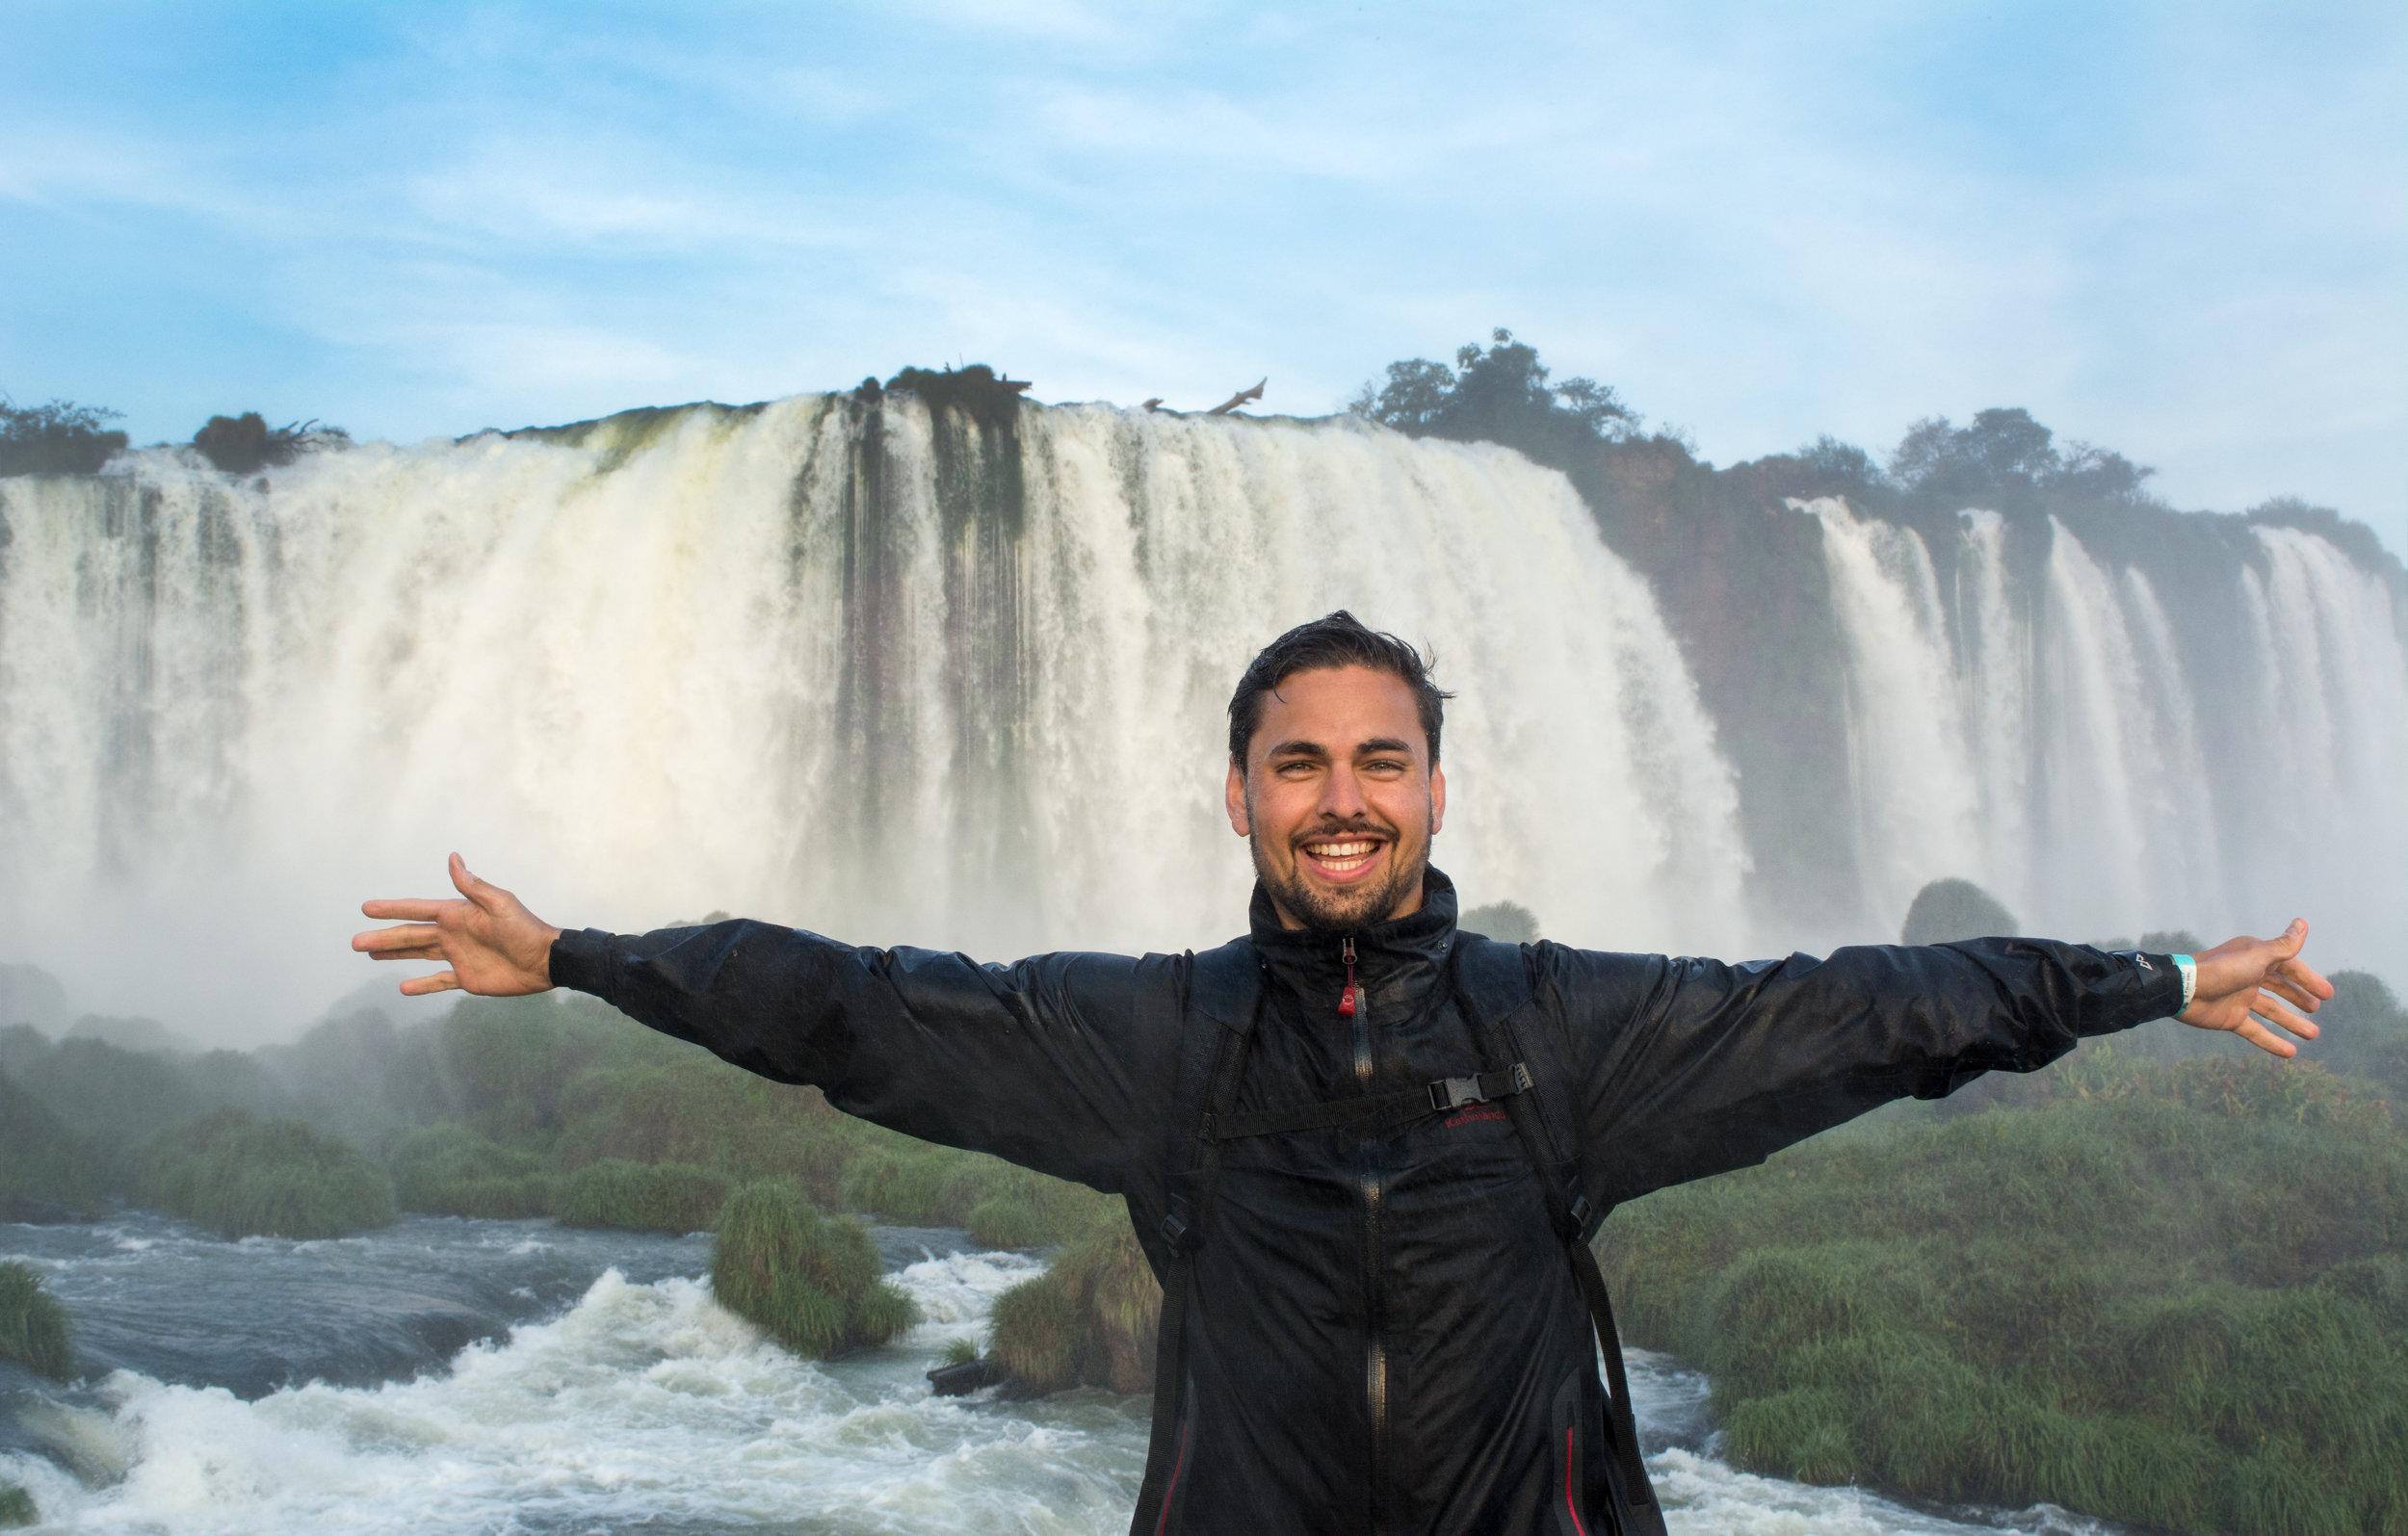 Devils throat – Brazil